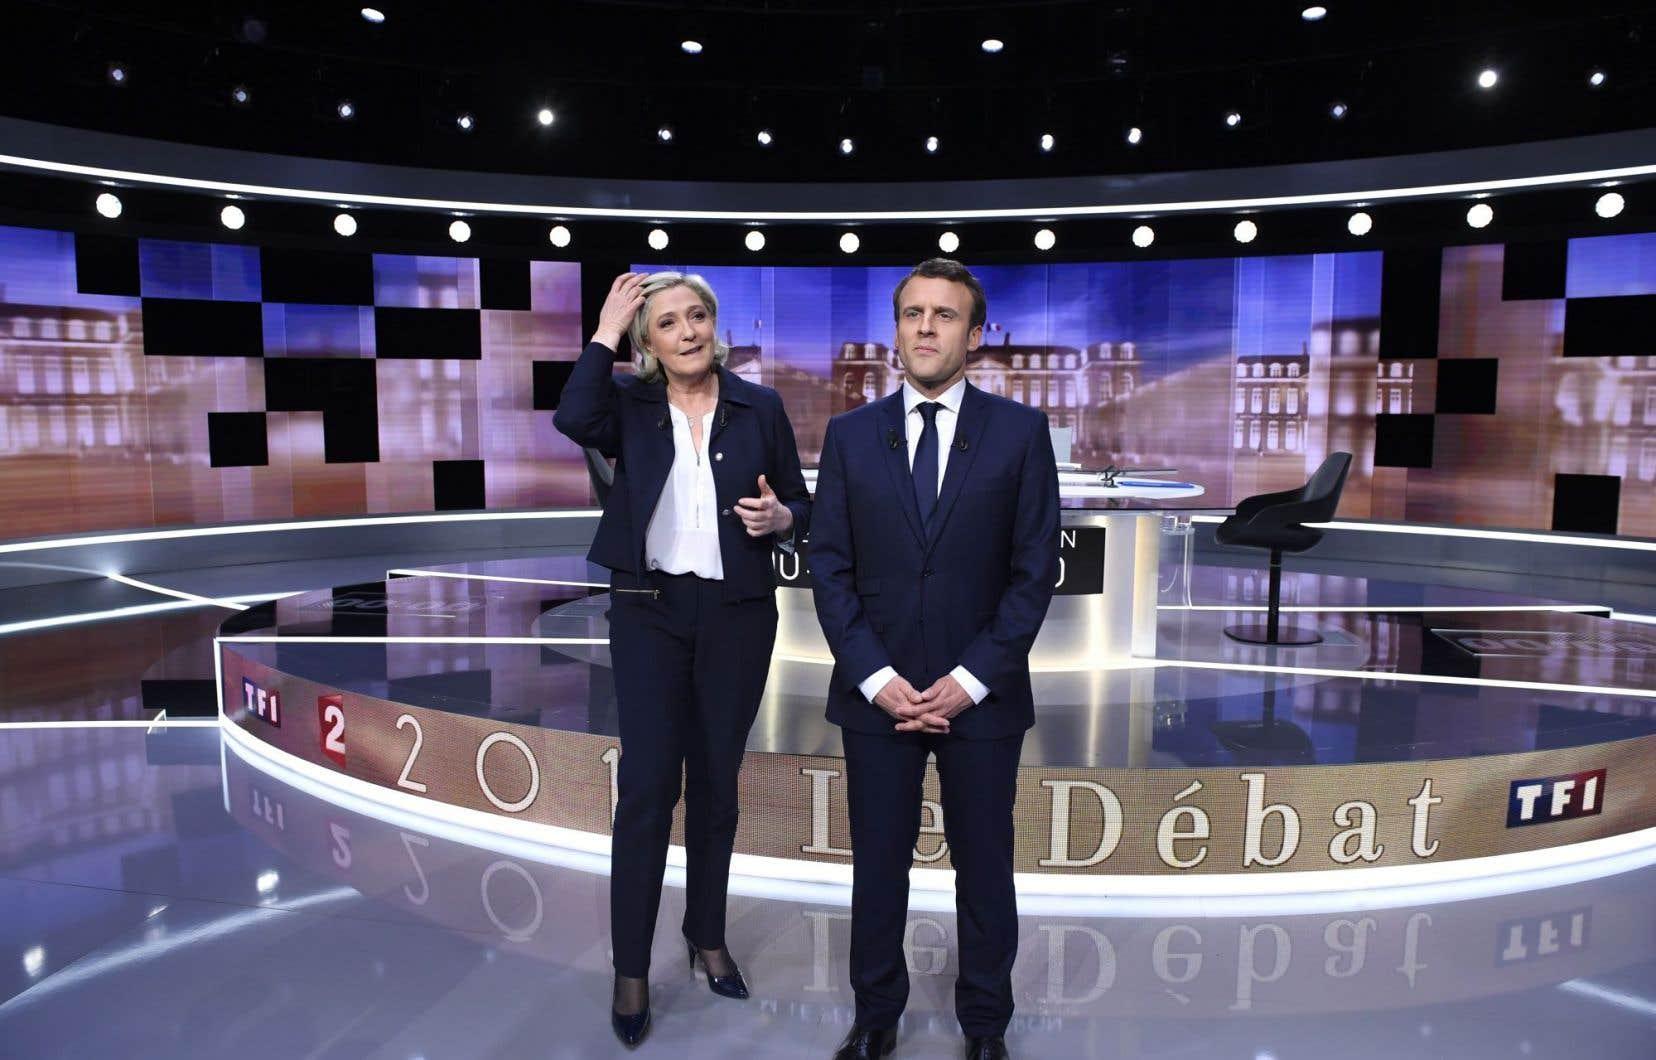 Marine Le Pen et Emmanuel Macron posant pour les photographes juste avant l'ouverture des hostilités